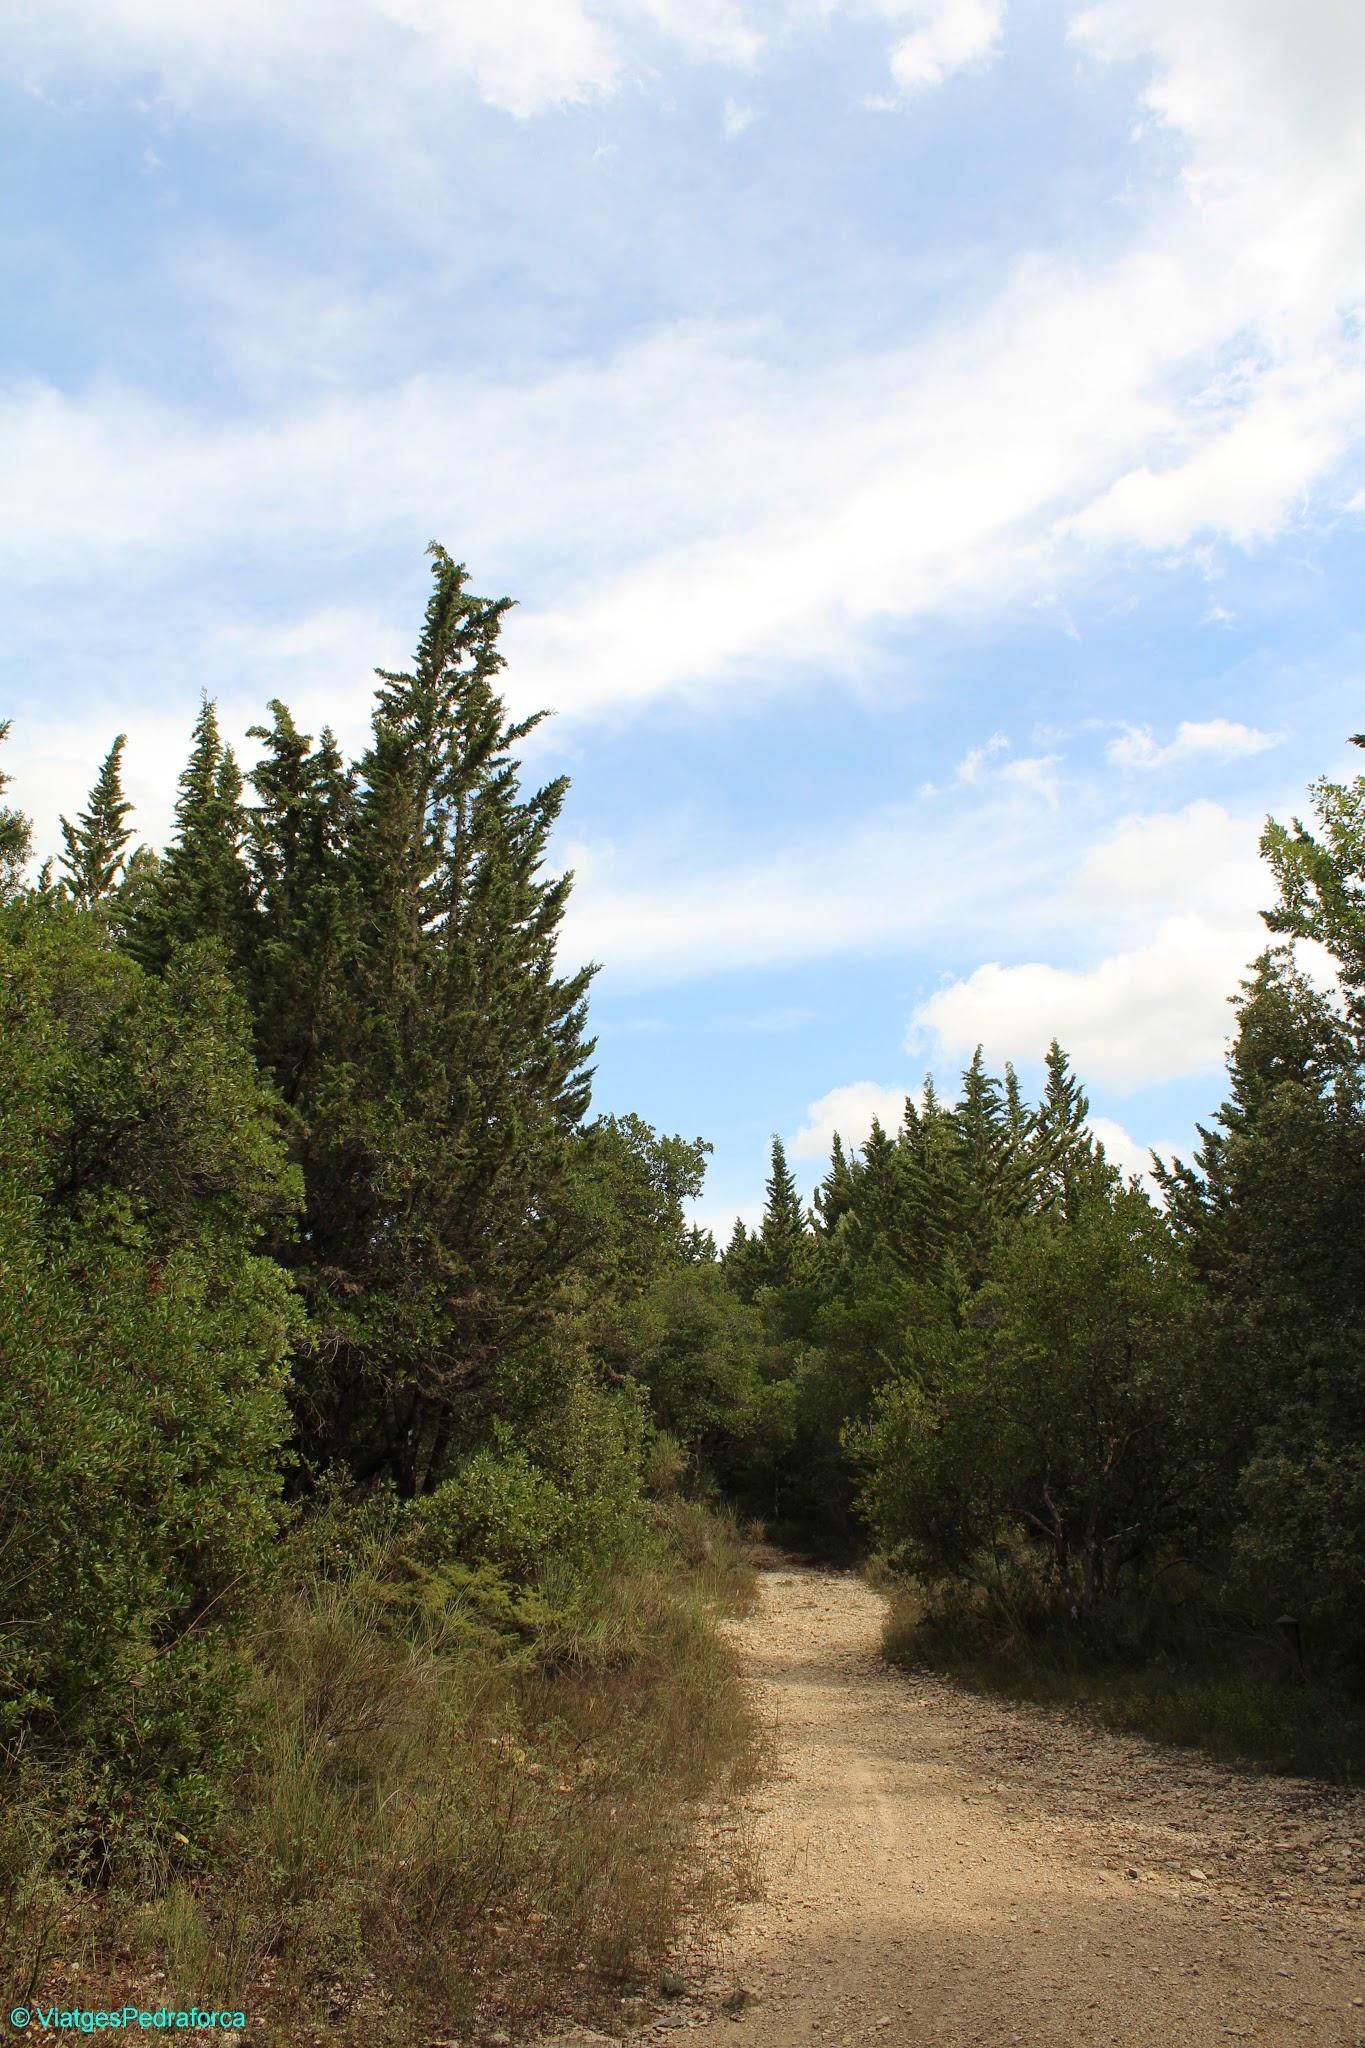 Riserva naturale Bosco di Sant'Agnese, Chianti, Toscana, Itàlia